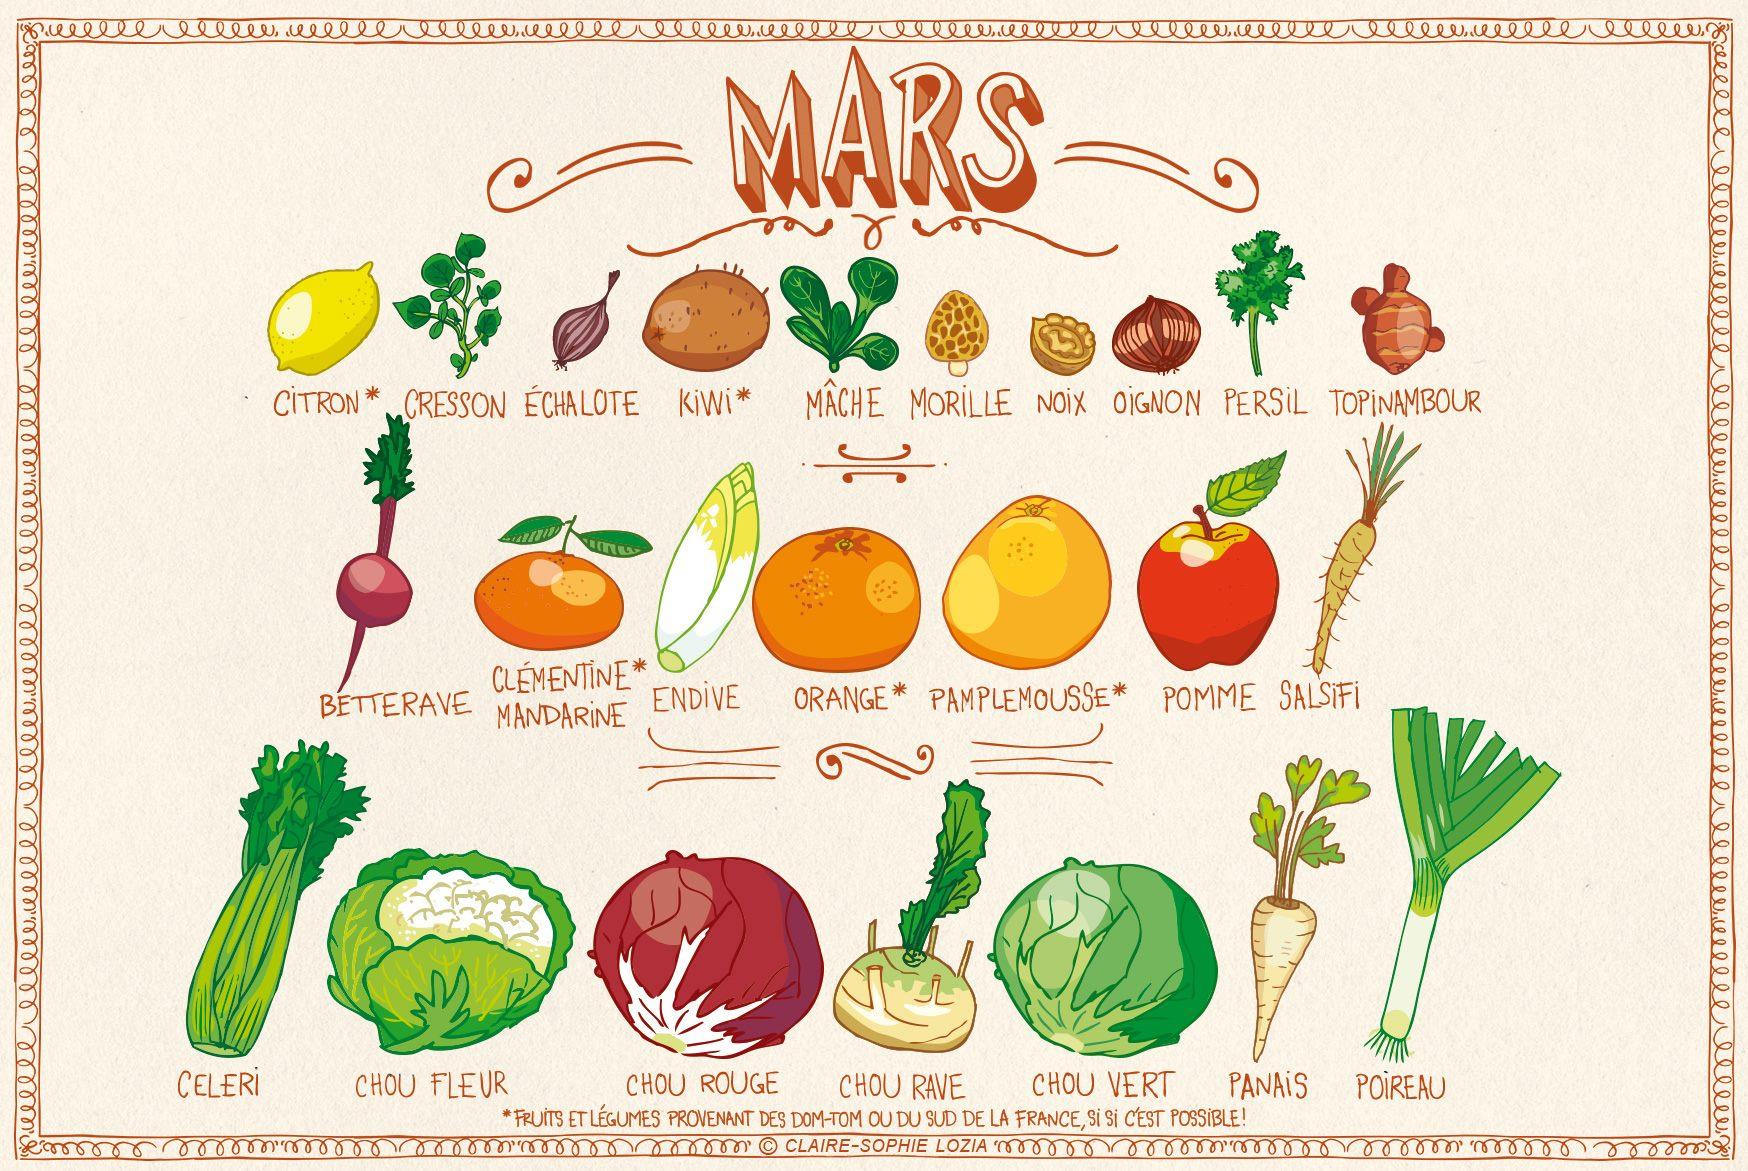 fruits et legumes saison mars